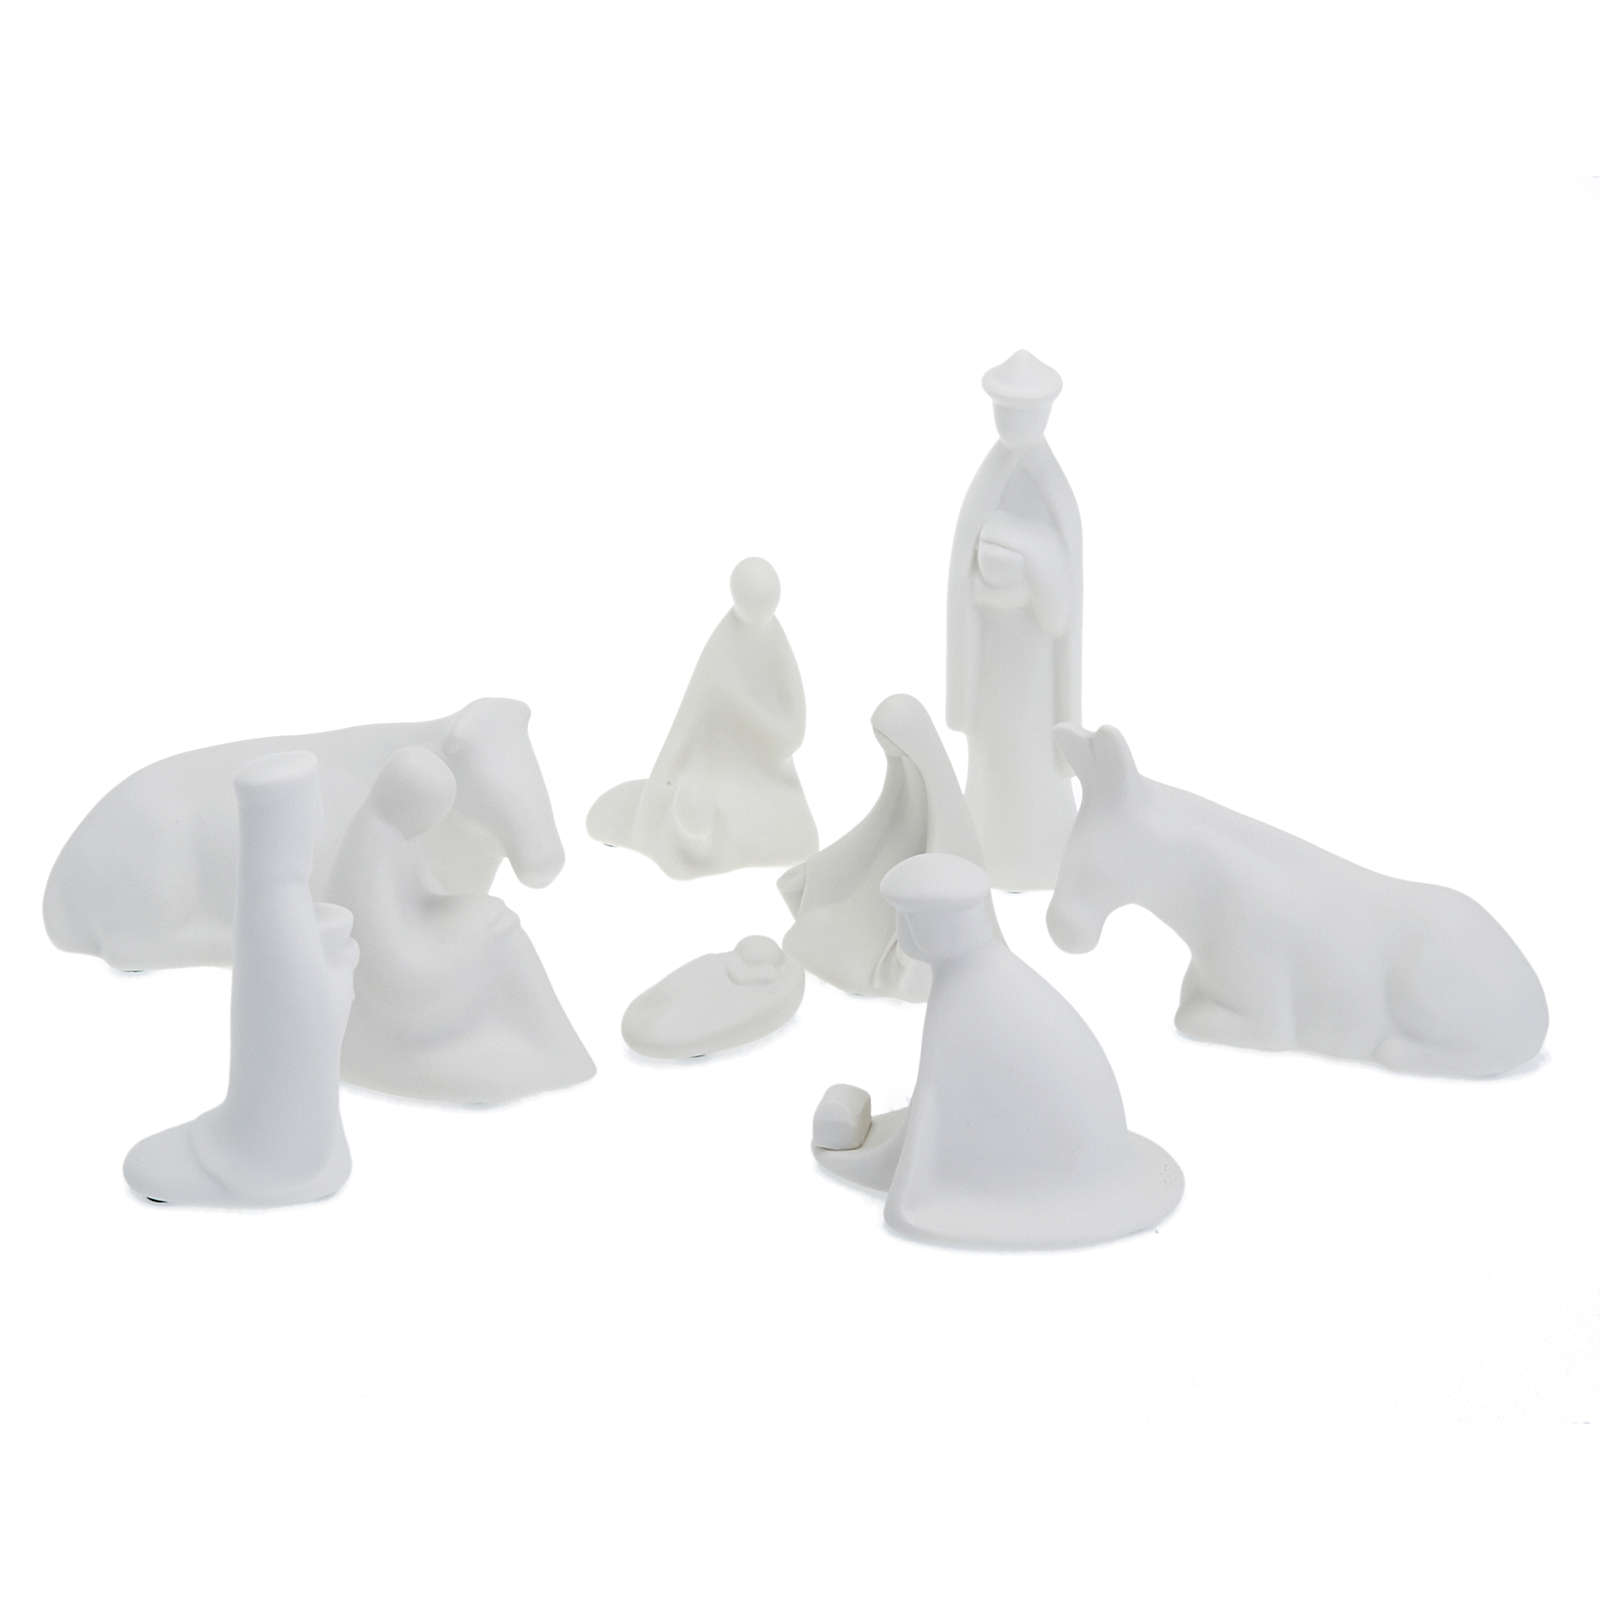 Presépio porcelana miniatura completo 16 cm 4